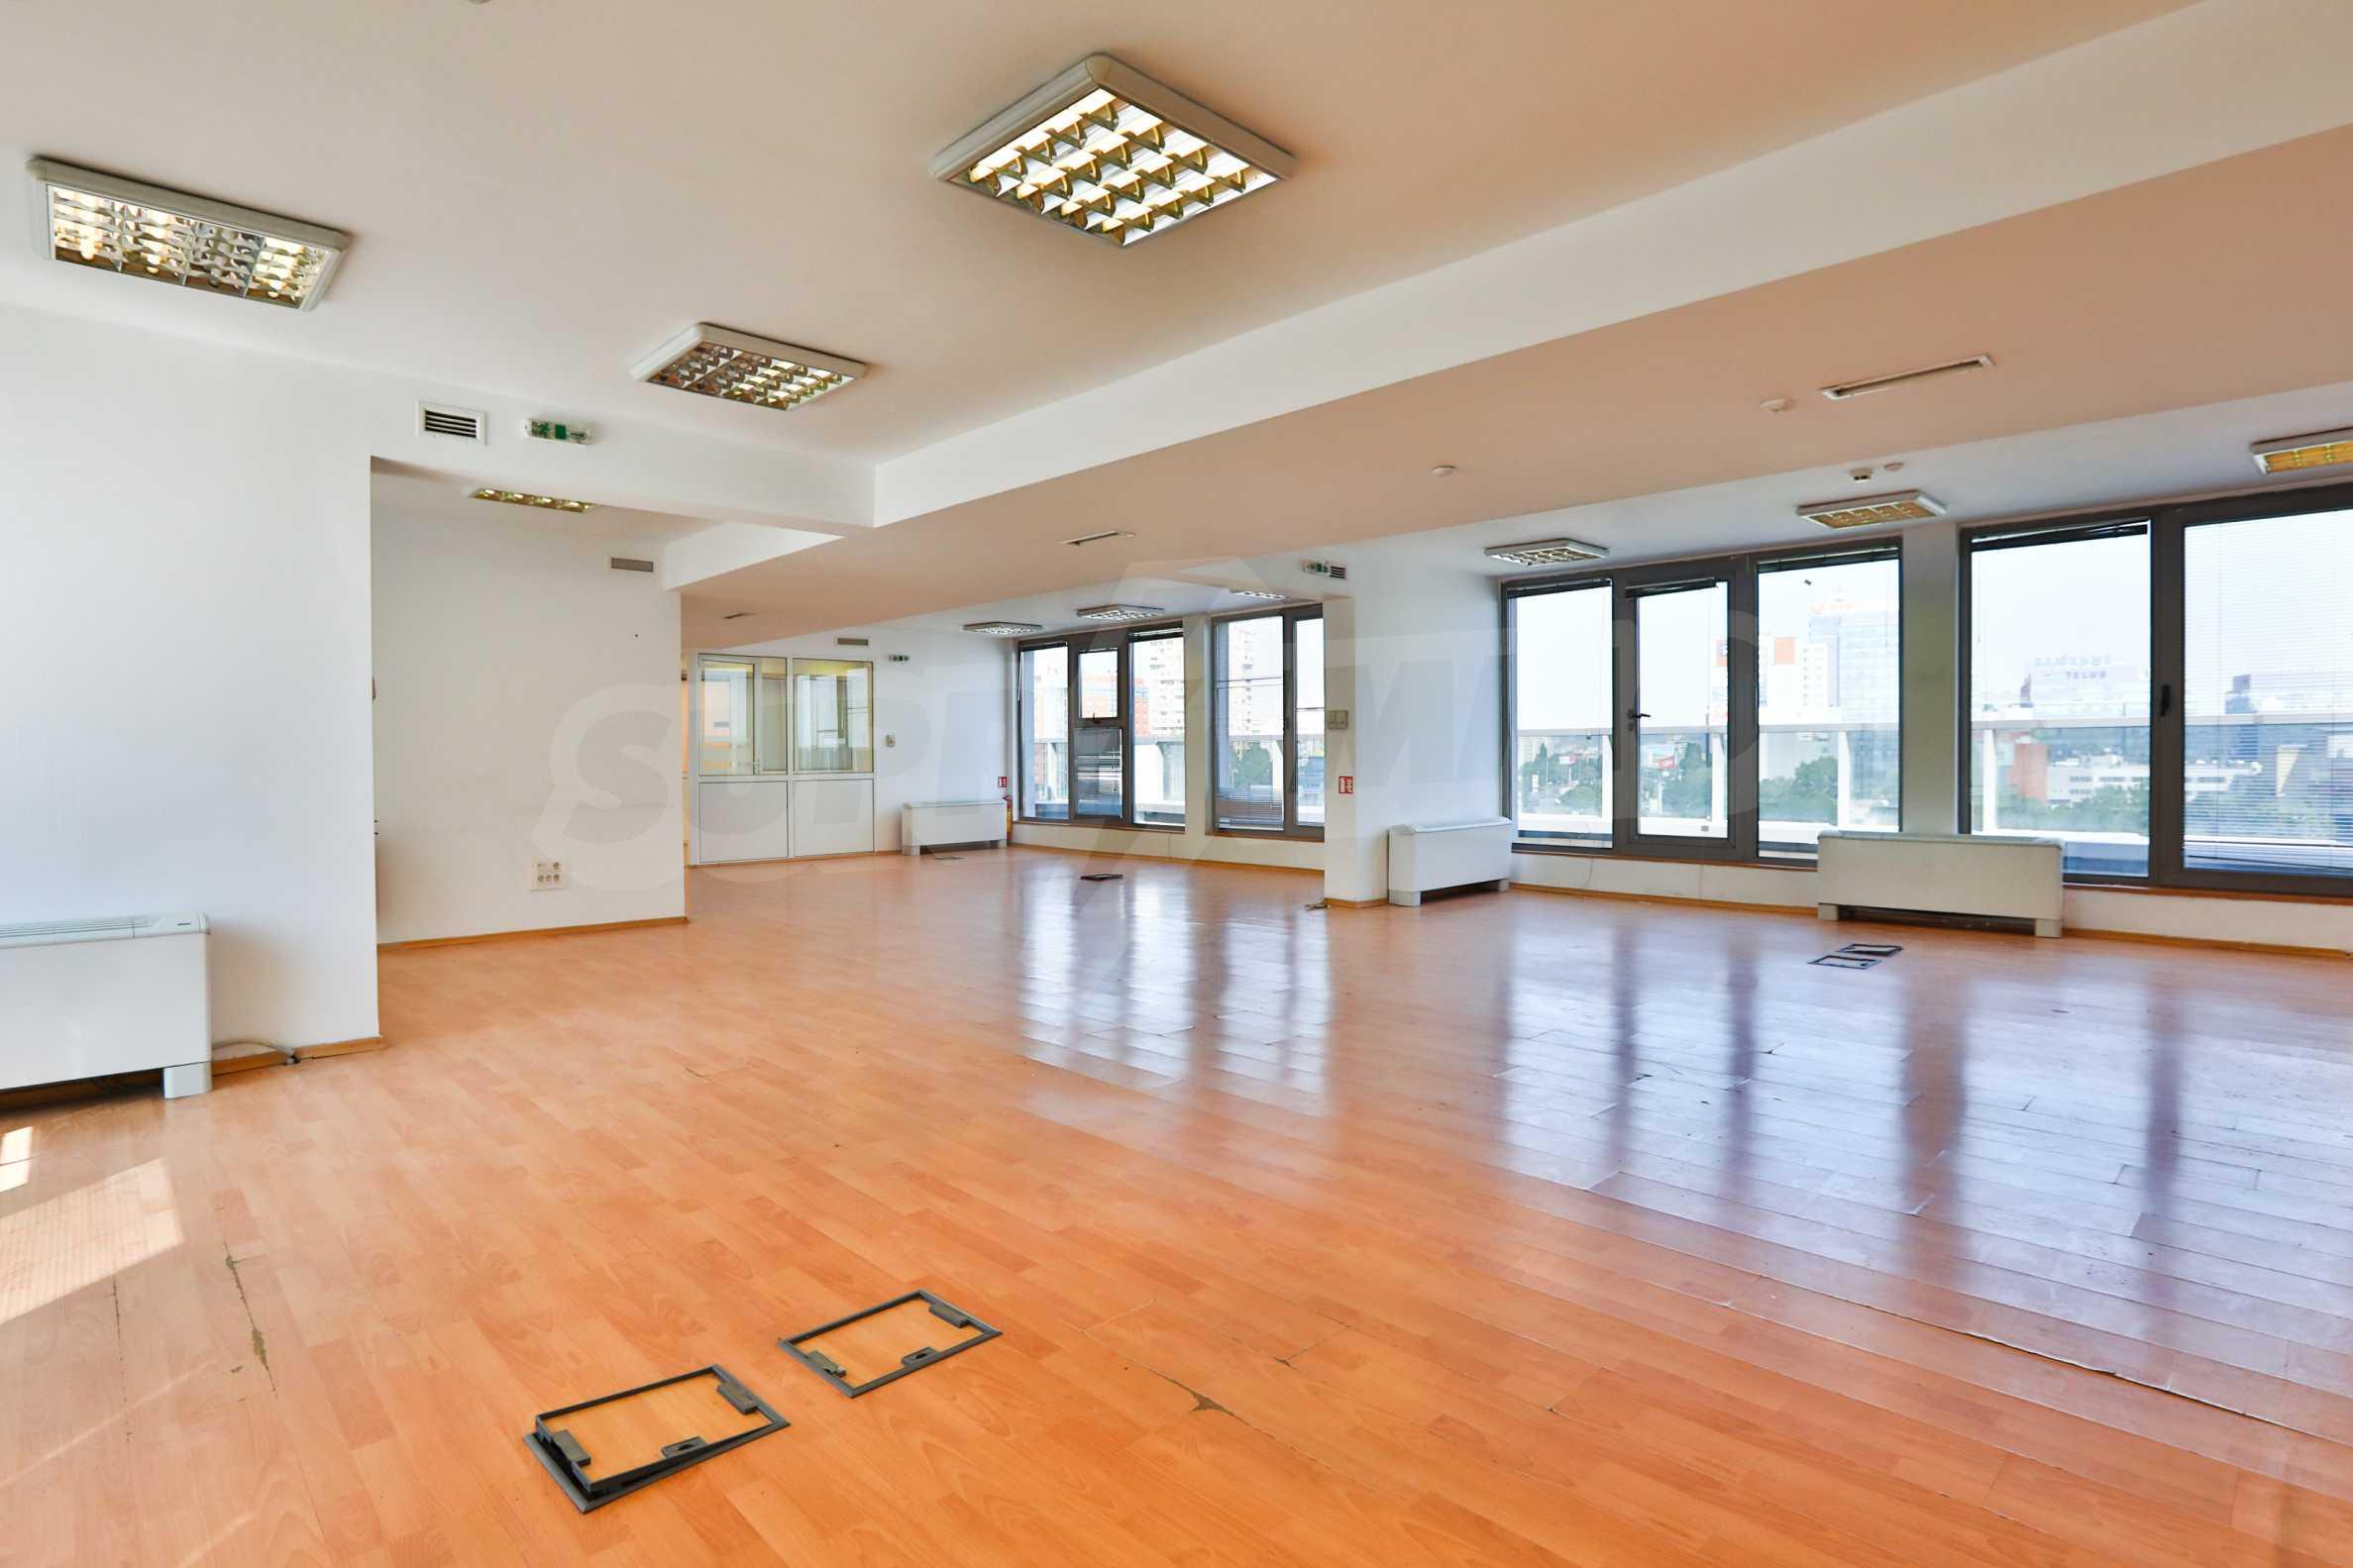 Площи тип open space в офис зоната на бул. Цариградско шосе